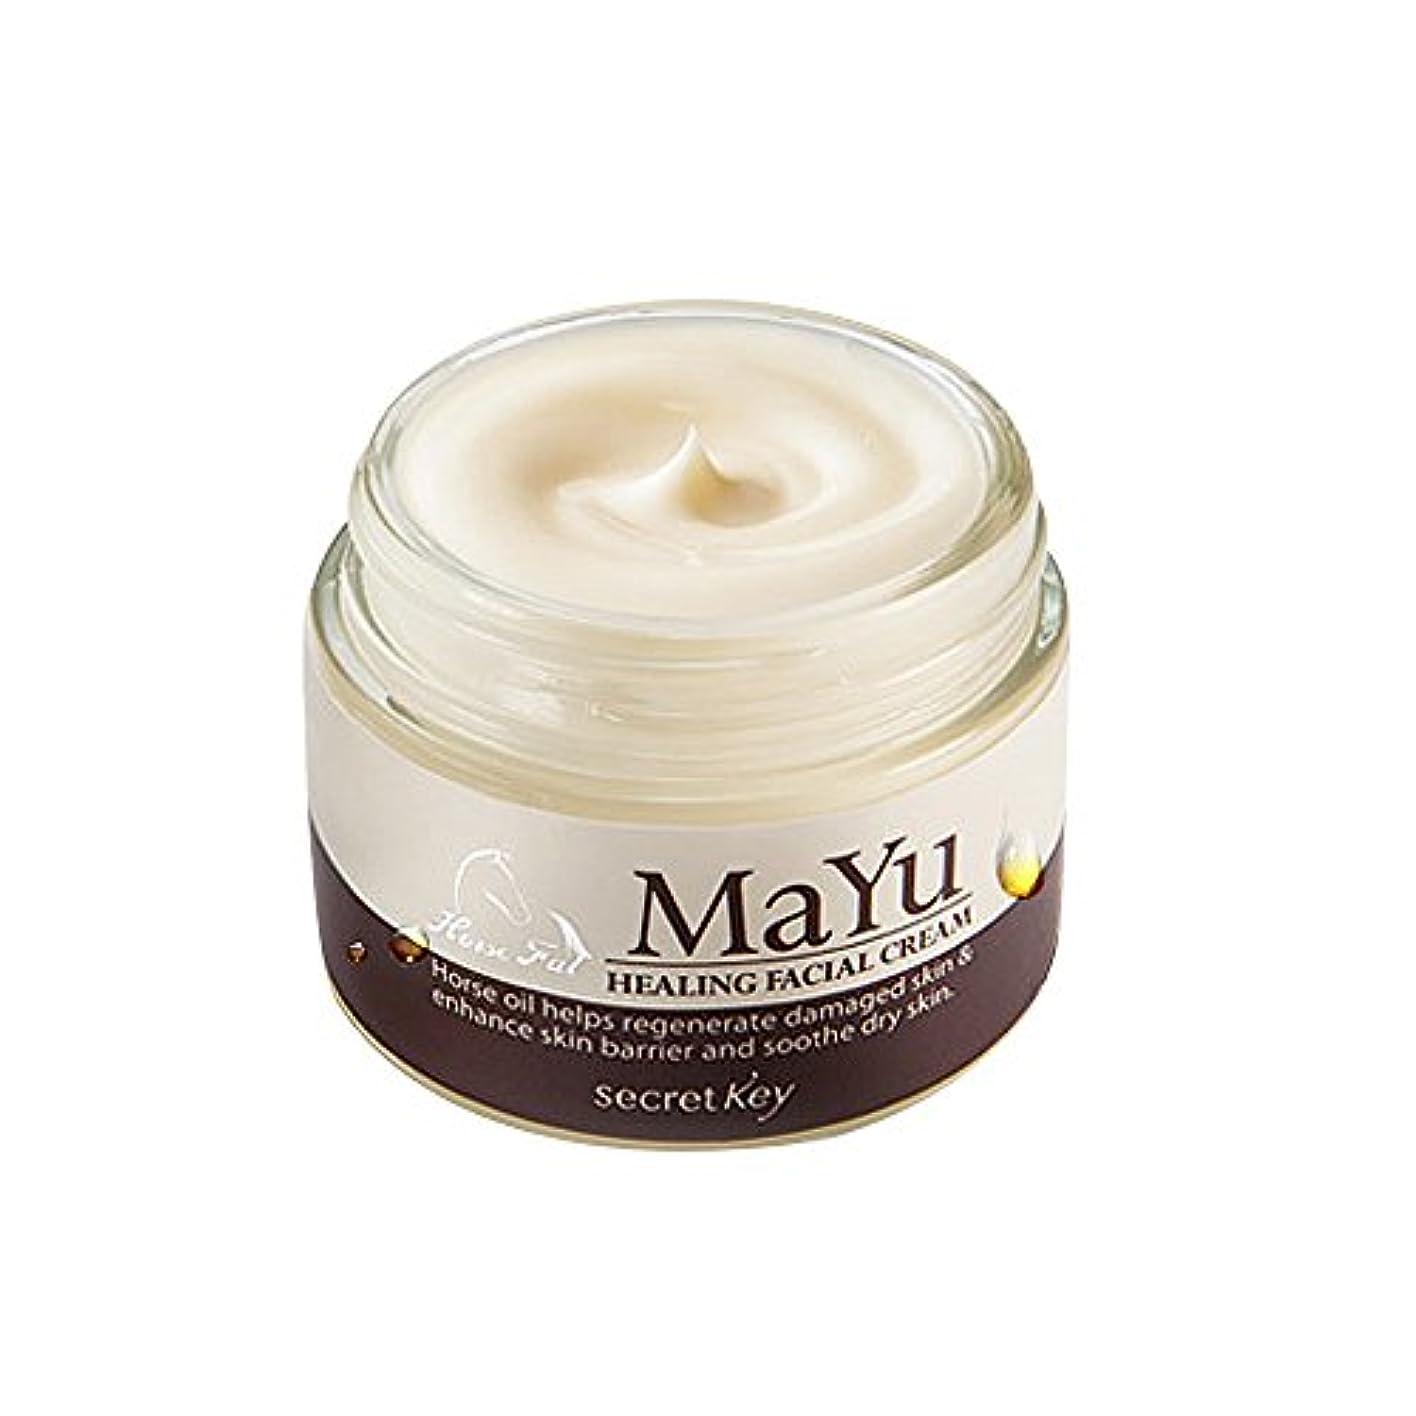 控えめなフィードバック増強する[シークレットキー]Secretkey 馬油ヒーリングフェイシャルクリーム70g 海外直送品 Mayu Healing Facial Cream 70g